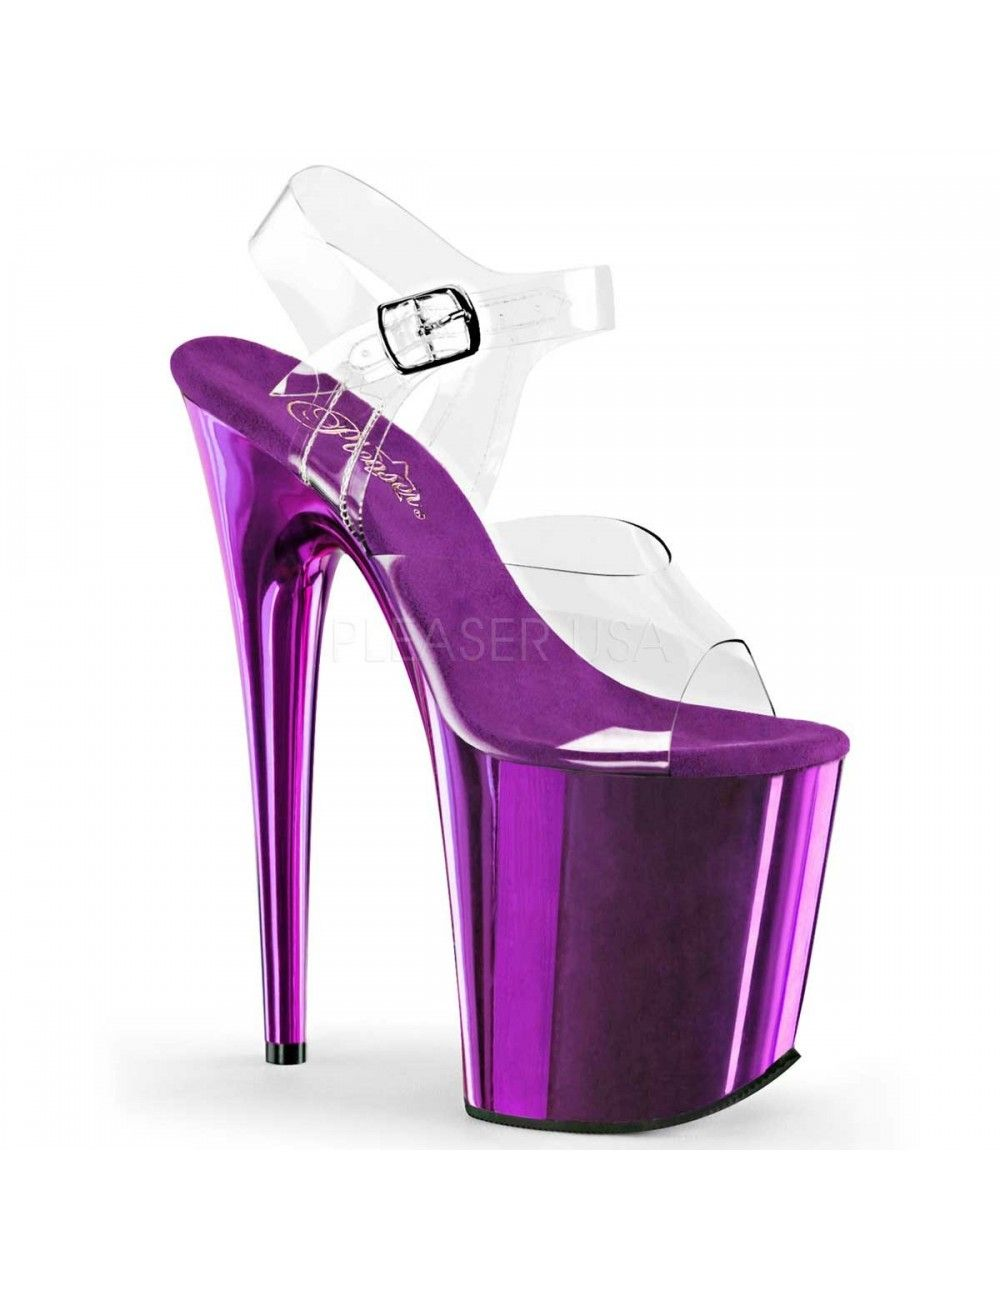 Sandales Plateforme Très haut Talon Violet Chromé Pleaser